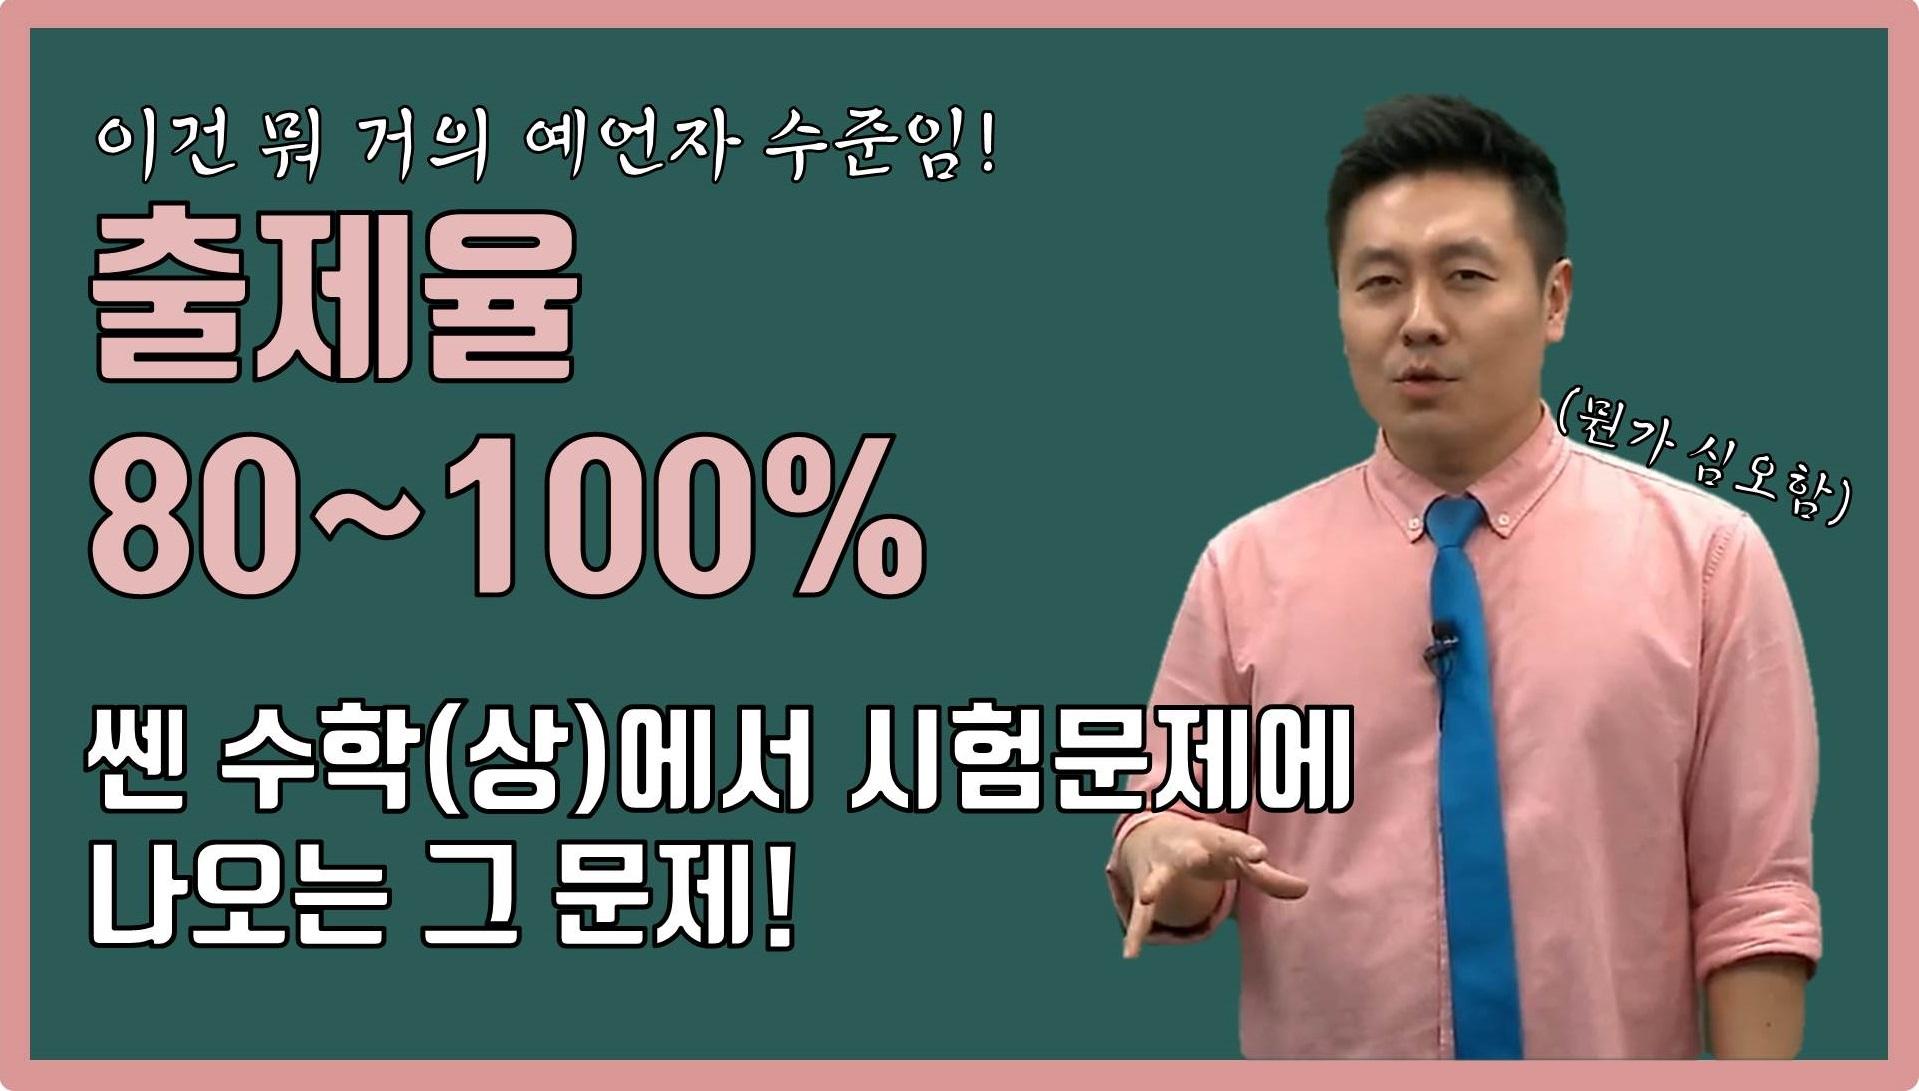 [수학(상)] 1~2단원 시험에 나올 핵심 내용 정리